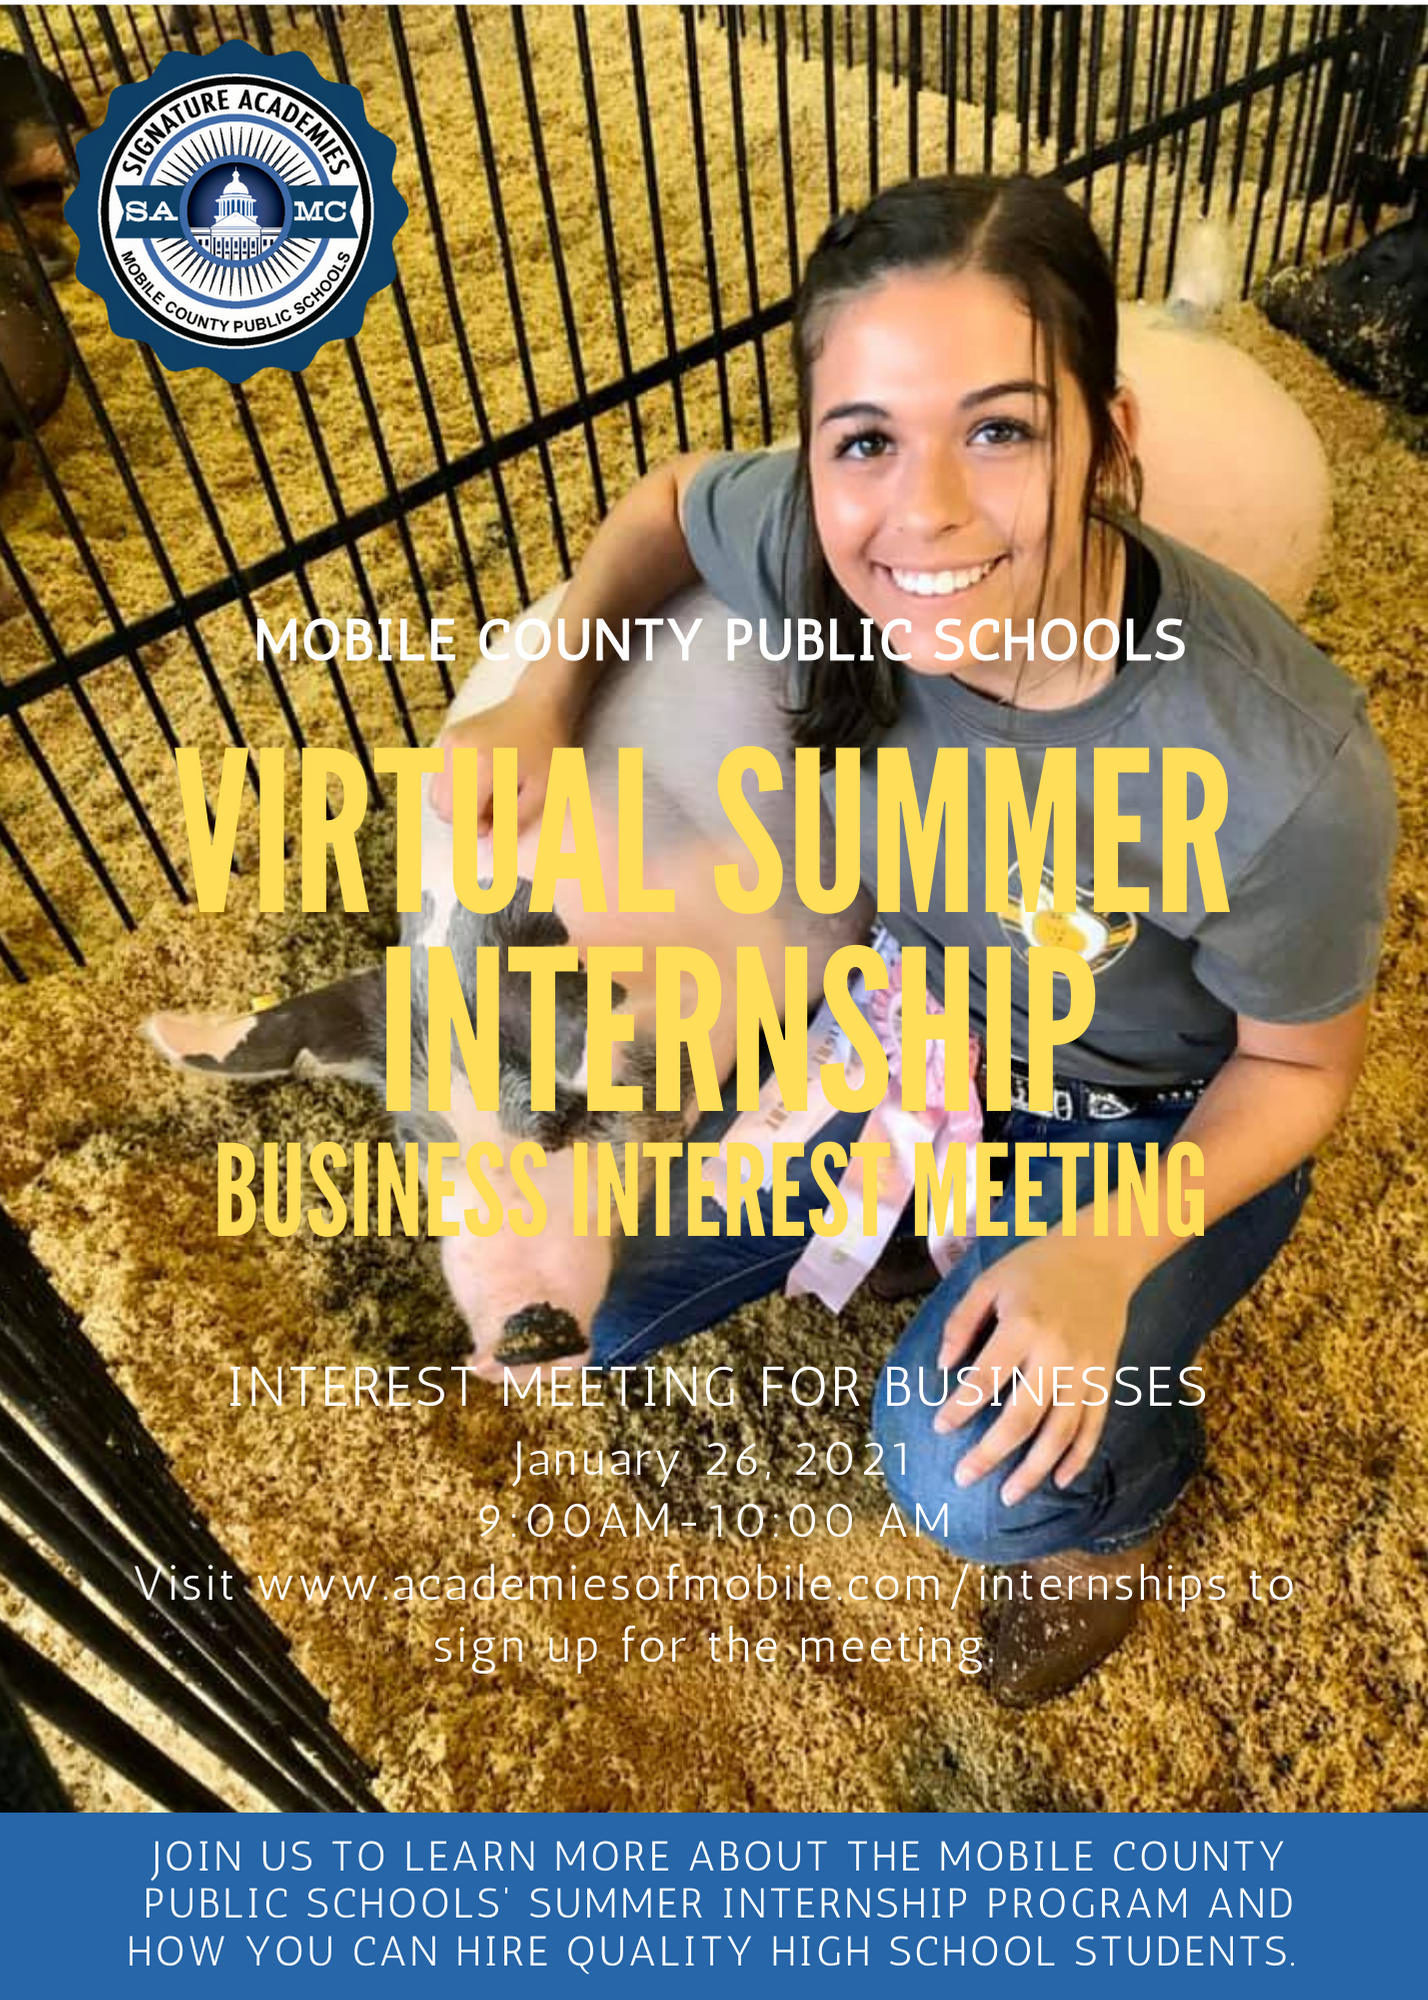 Summer Internship Business Interest Meeting